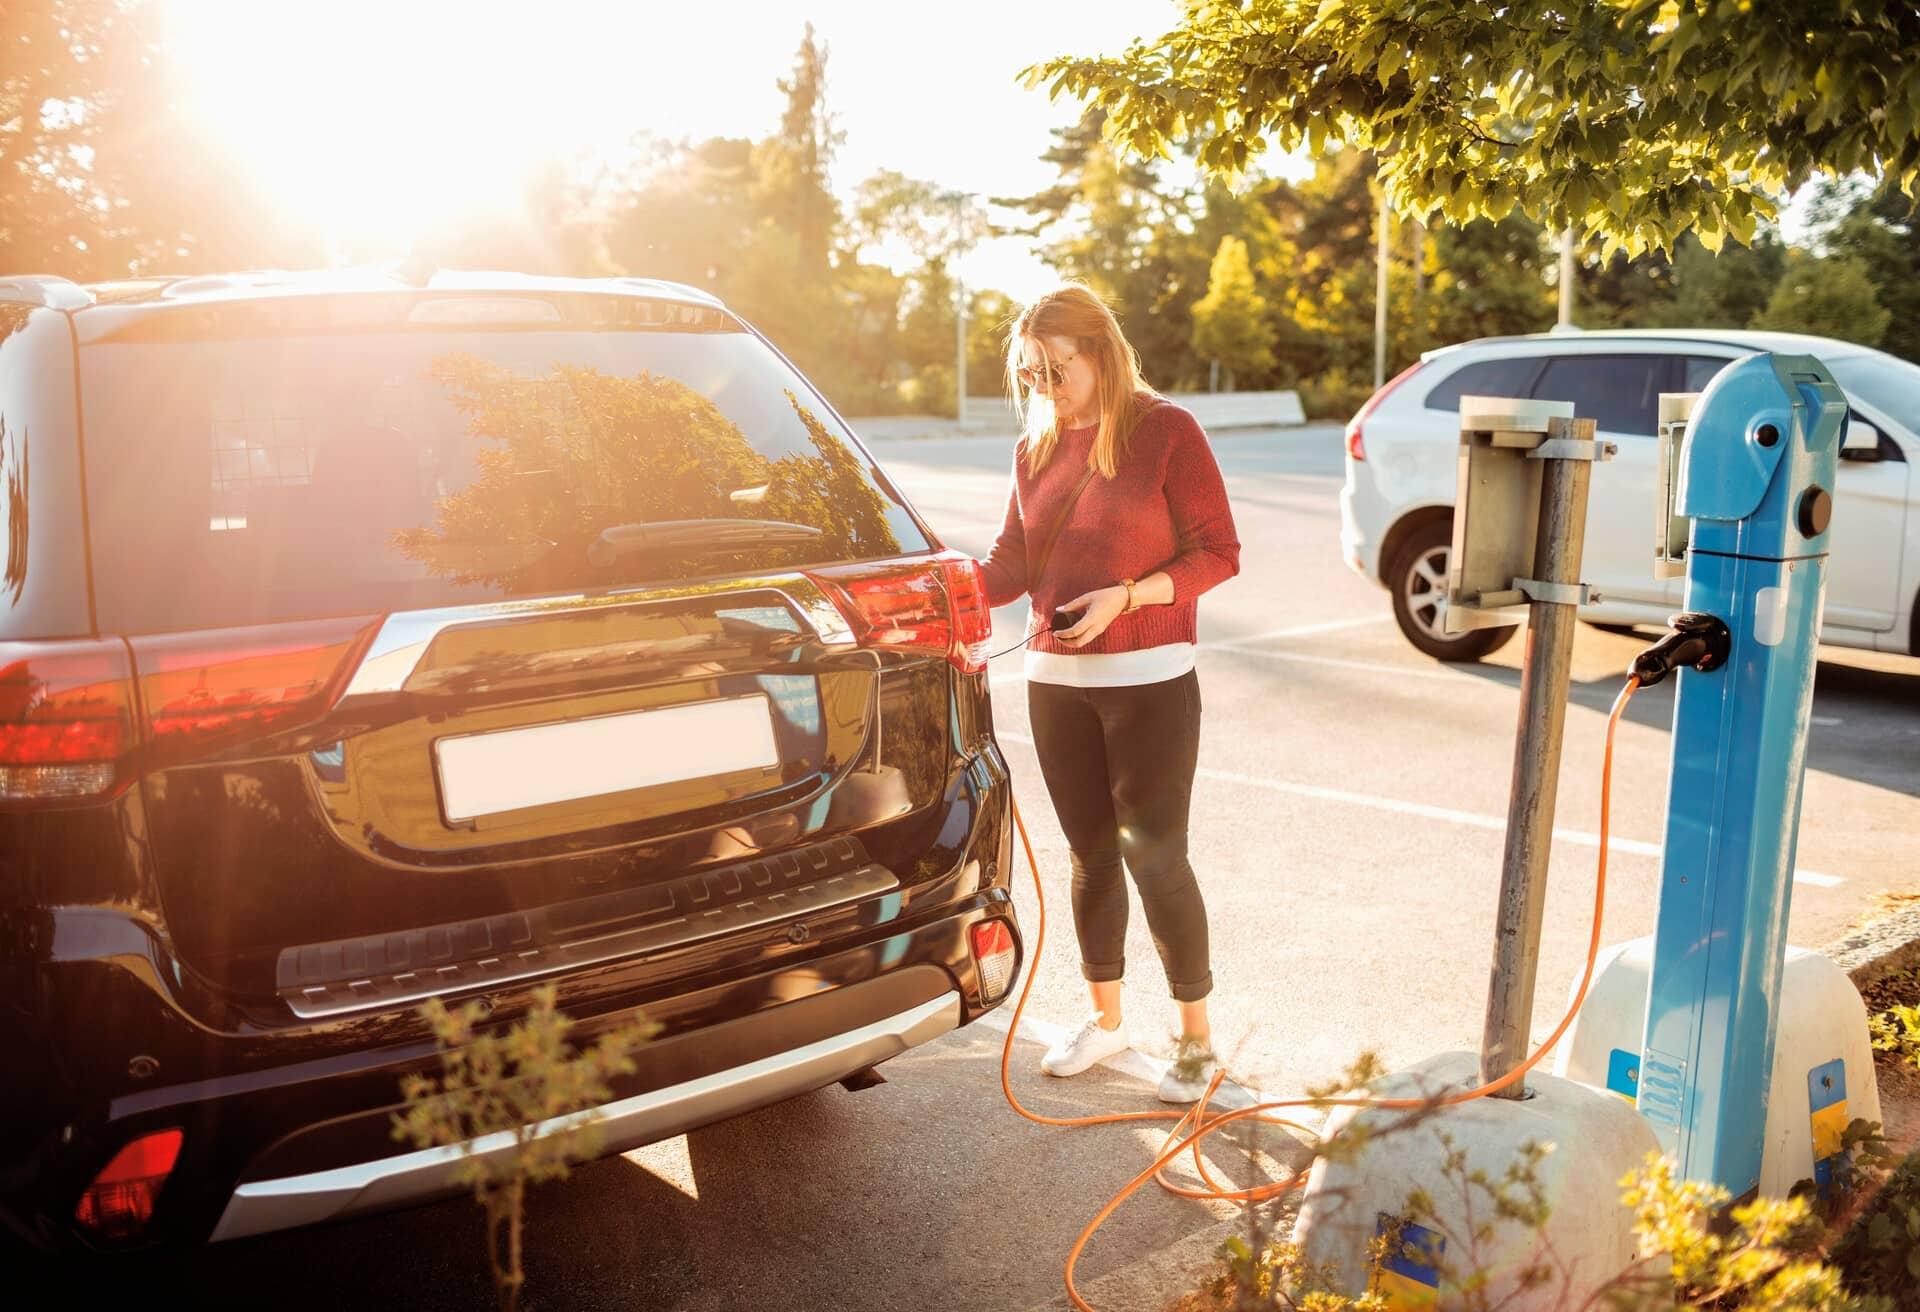 Eine junge Frau, die ein Elektroauto aufladen möchte.